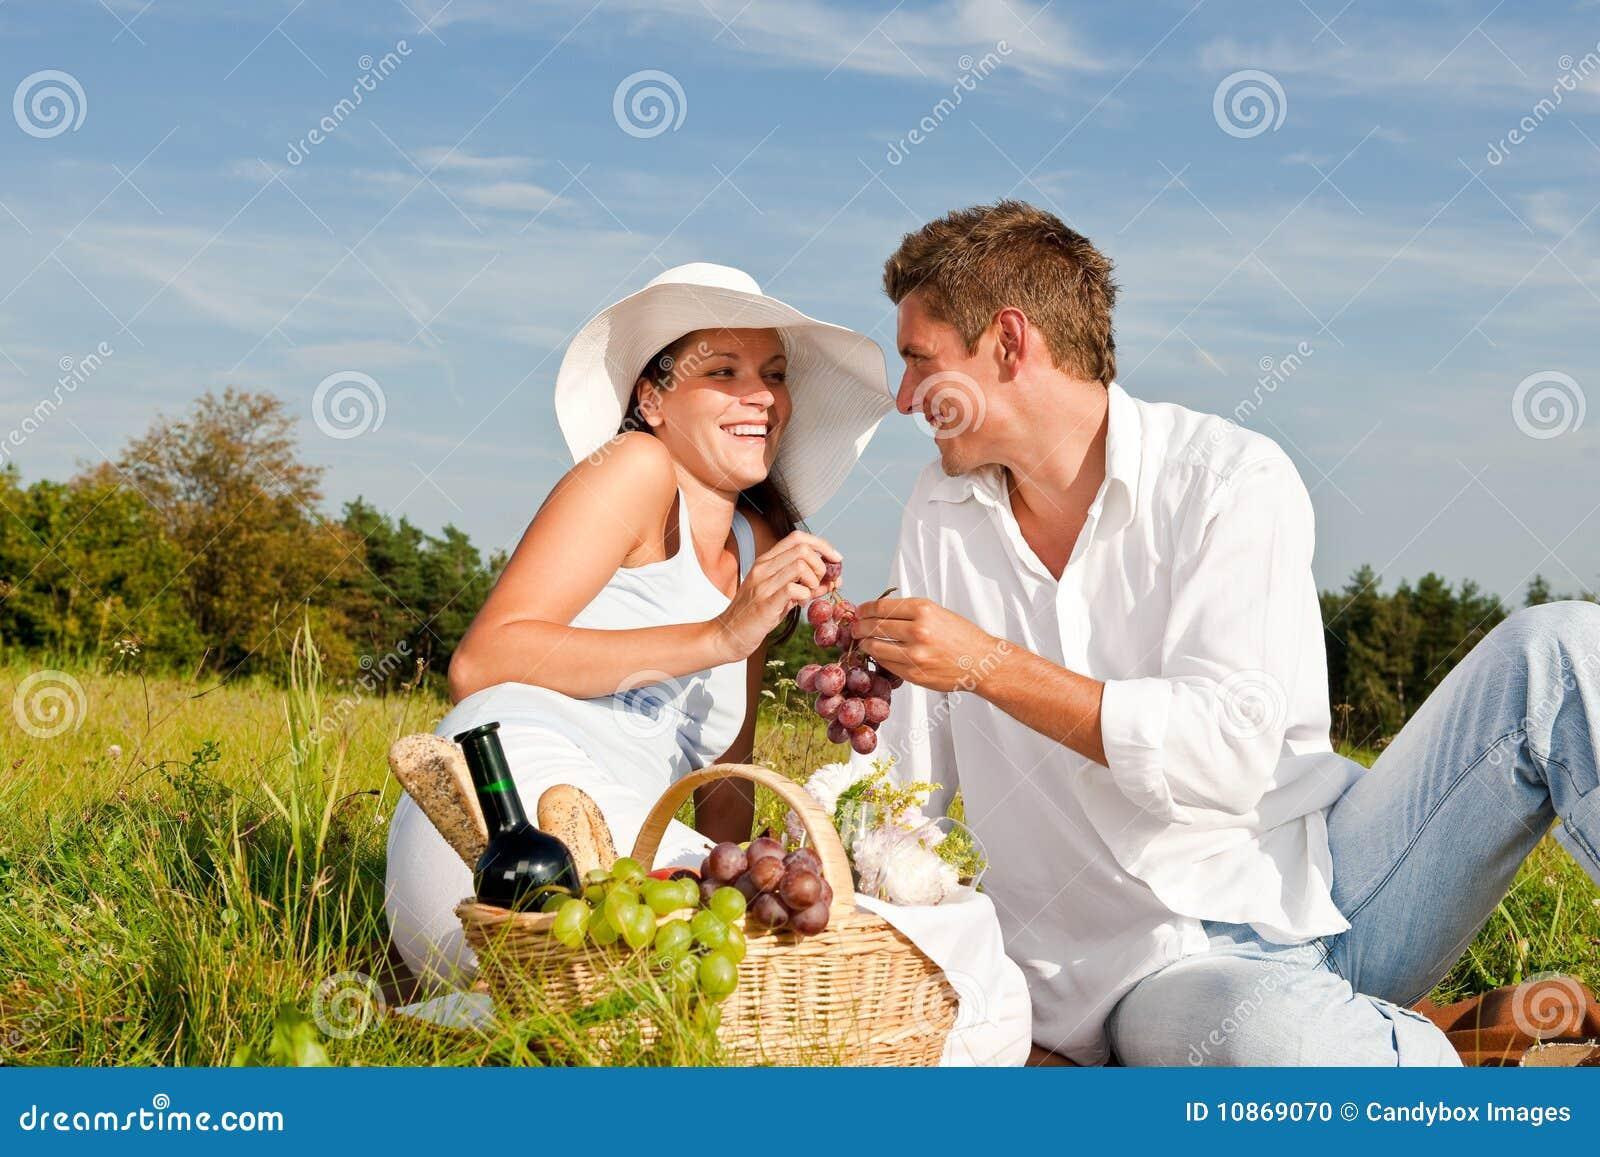 С женой на пикнике 17 фотография